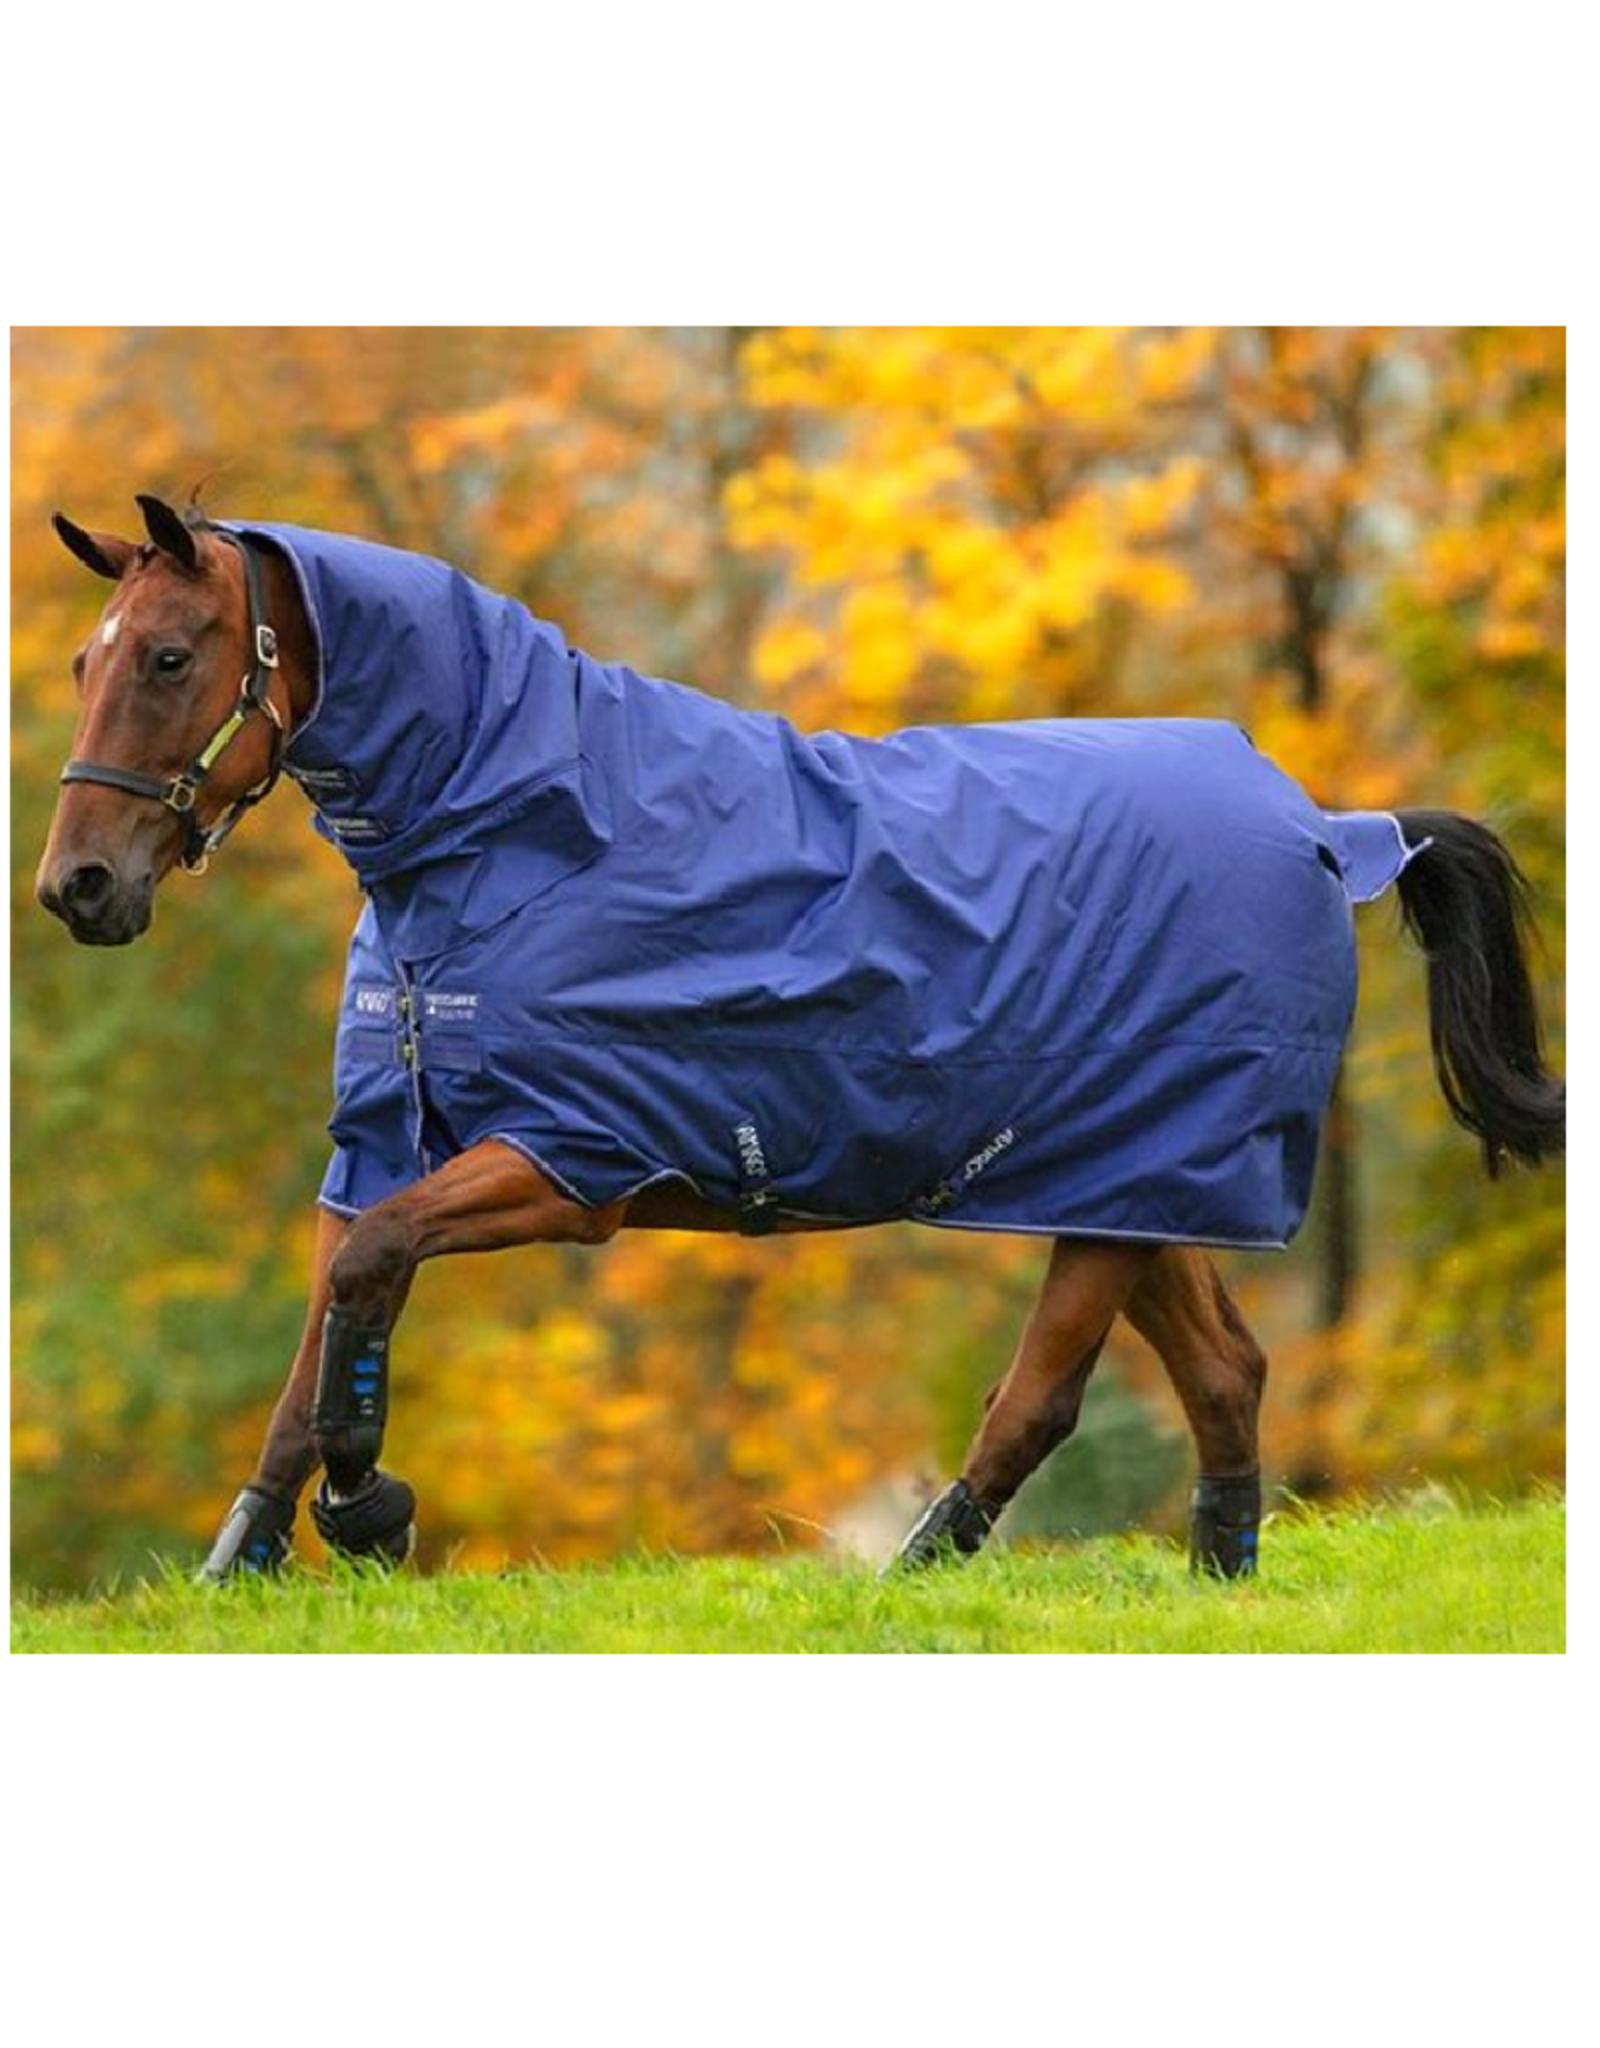 Horseware Horseware Amigo Hero All-in-One 200gr Waterdicht deken